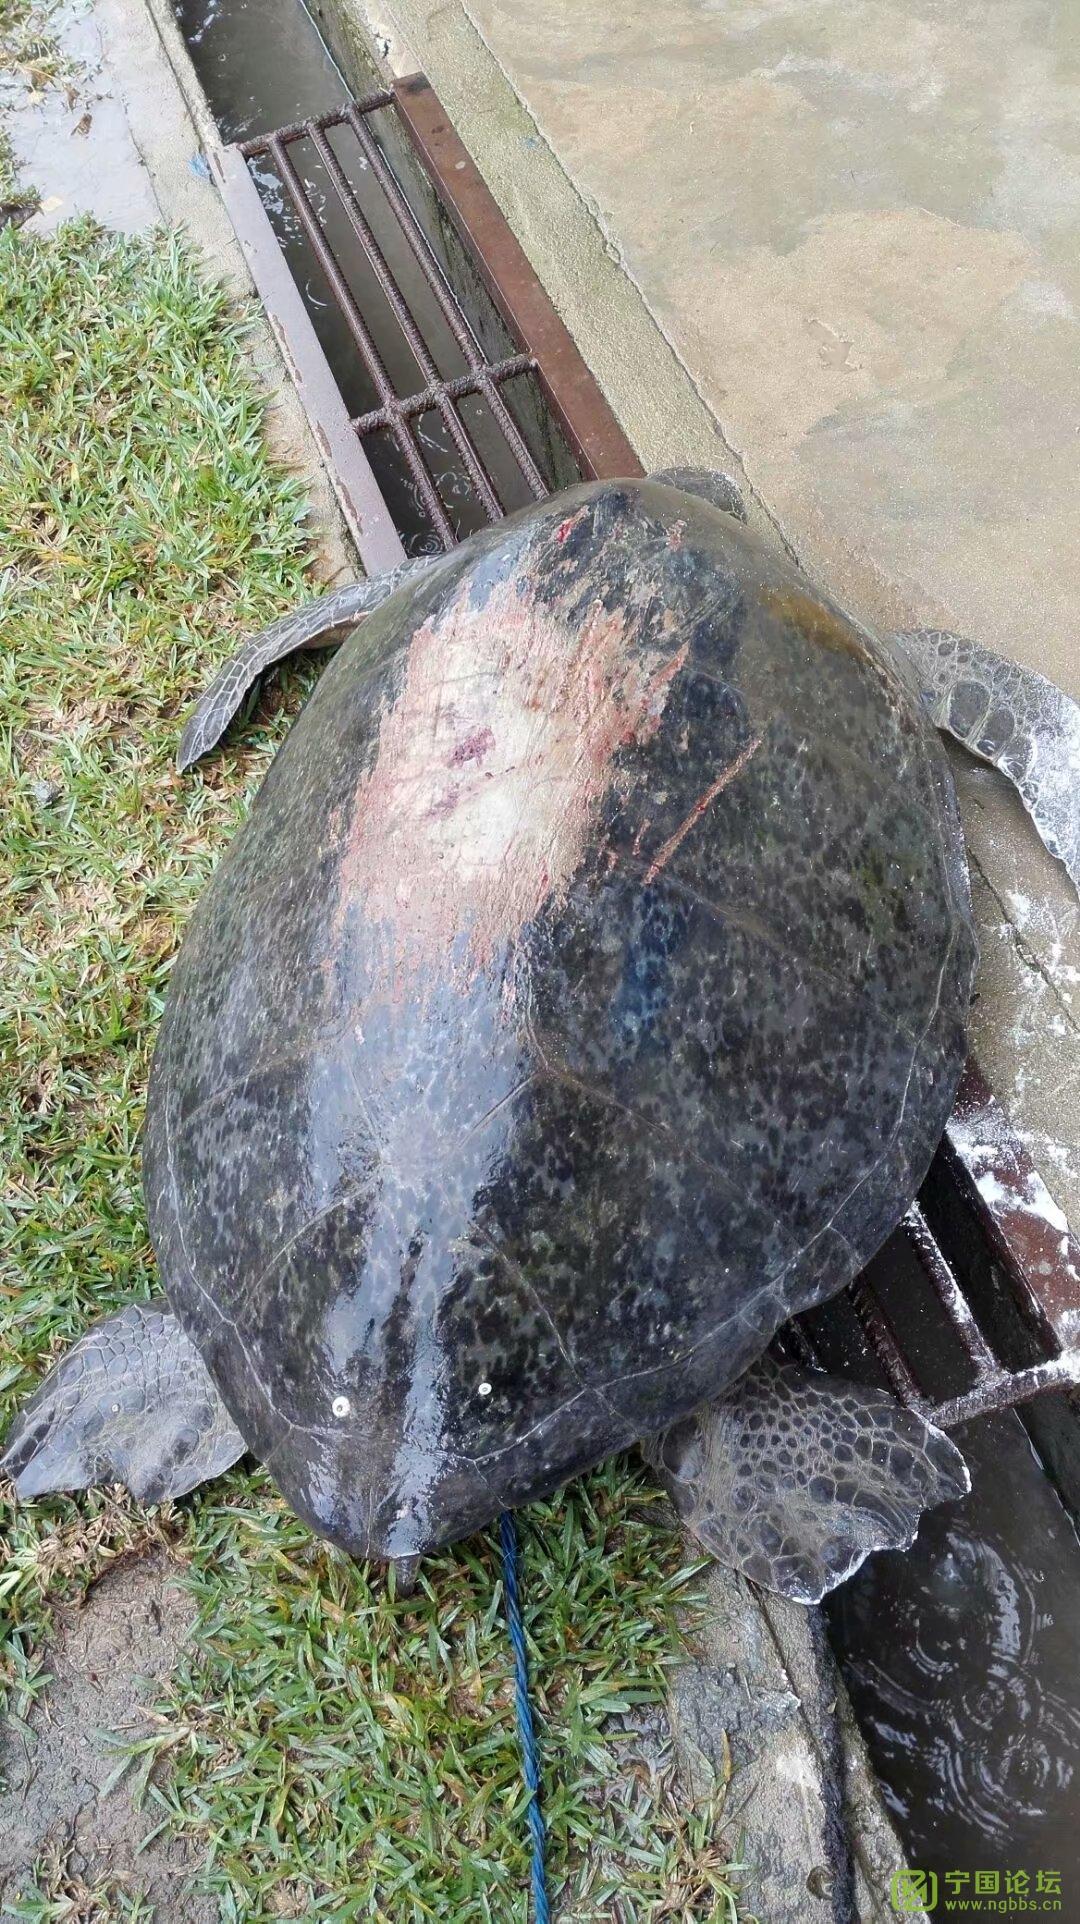 加纳风光-好久没发了 - 宁国论坛 - 大海龟-后来放生了